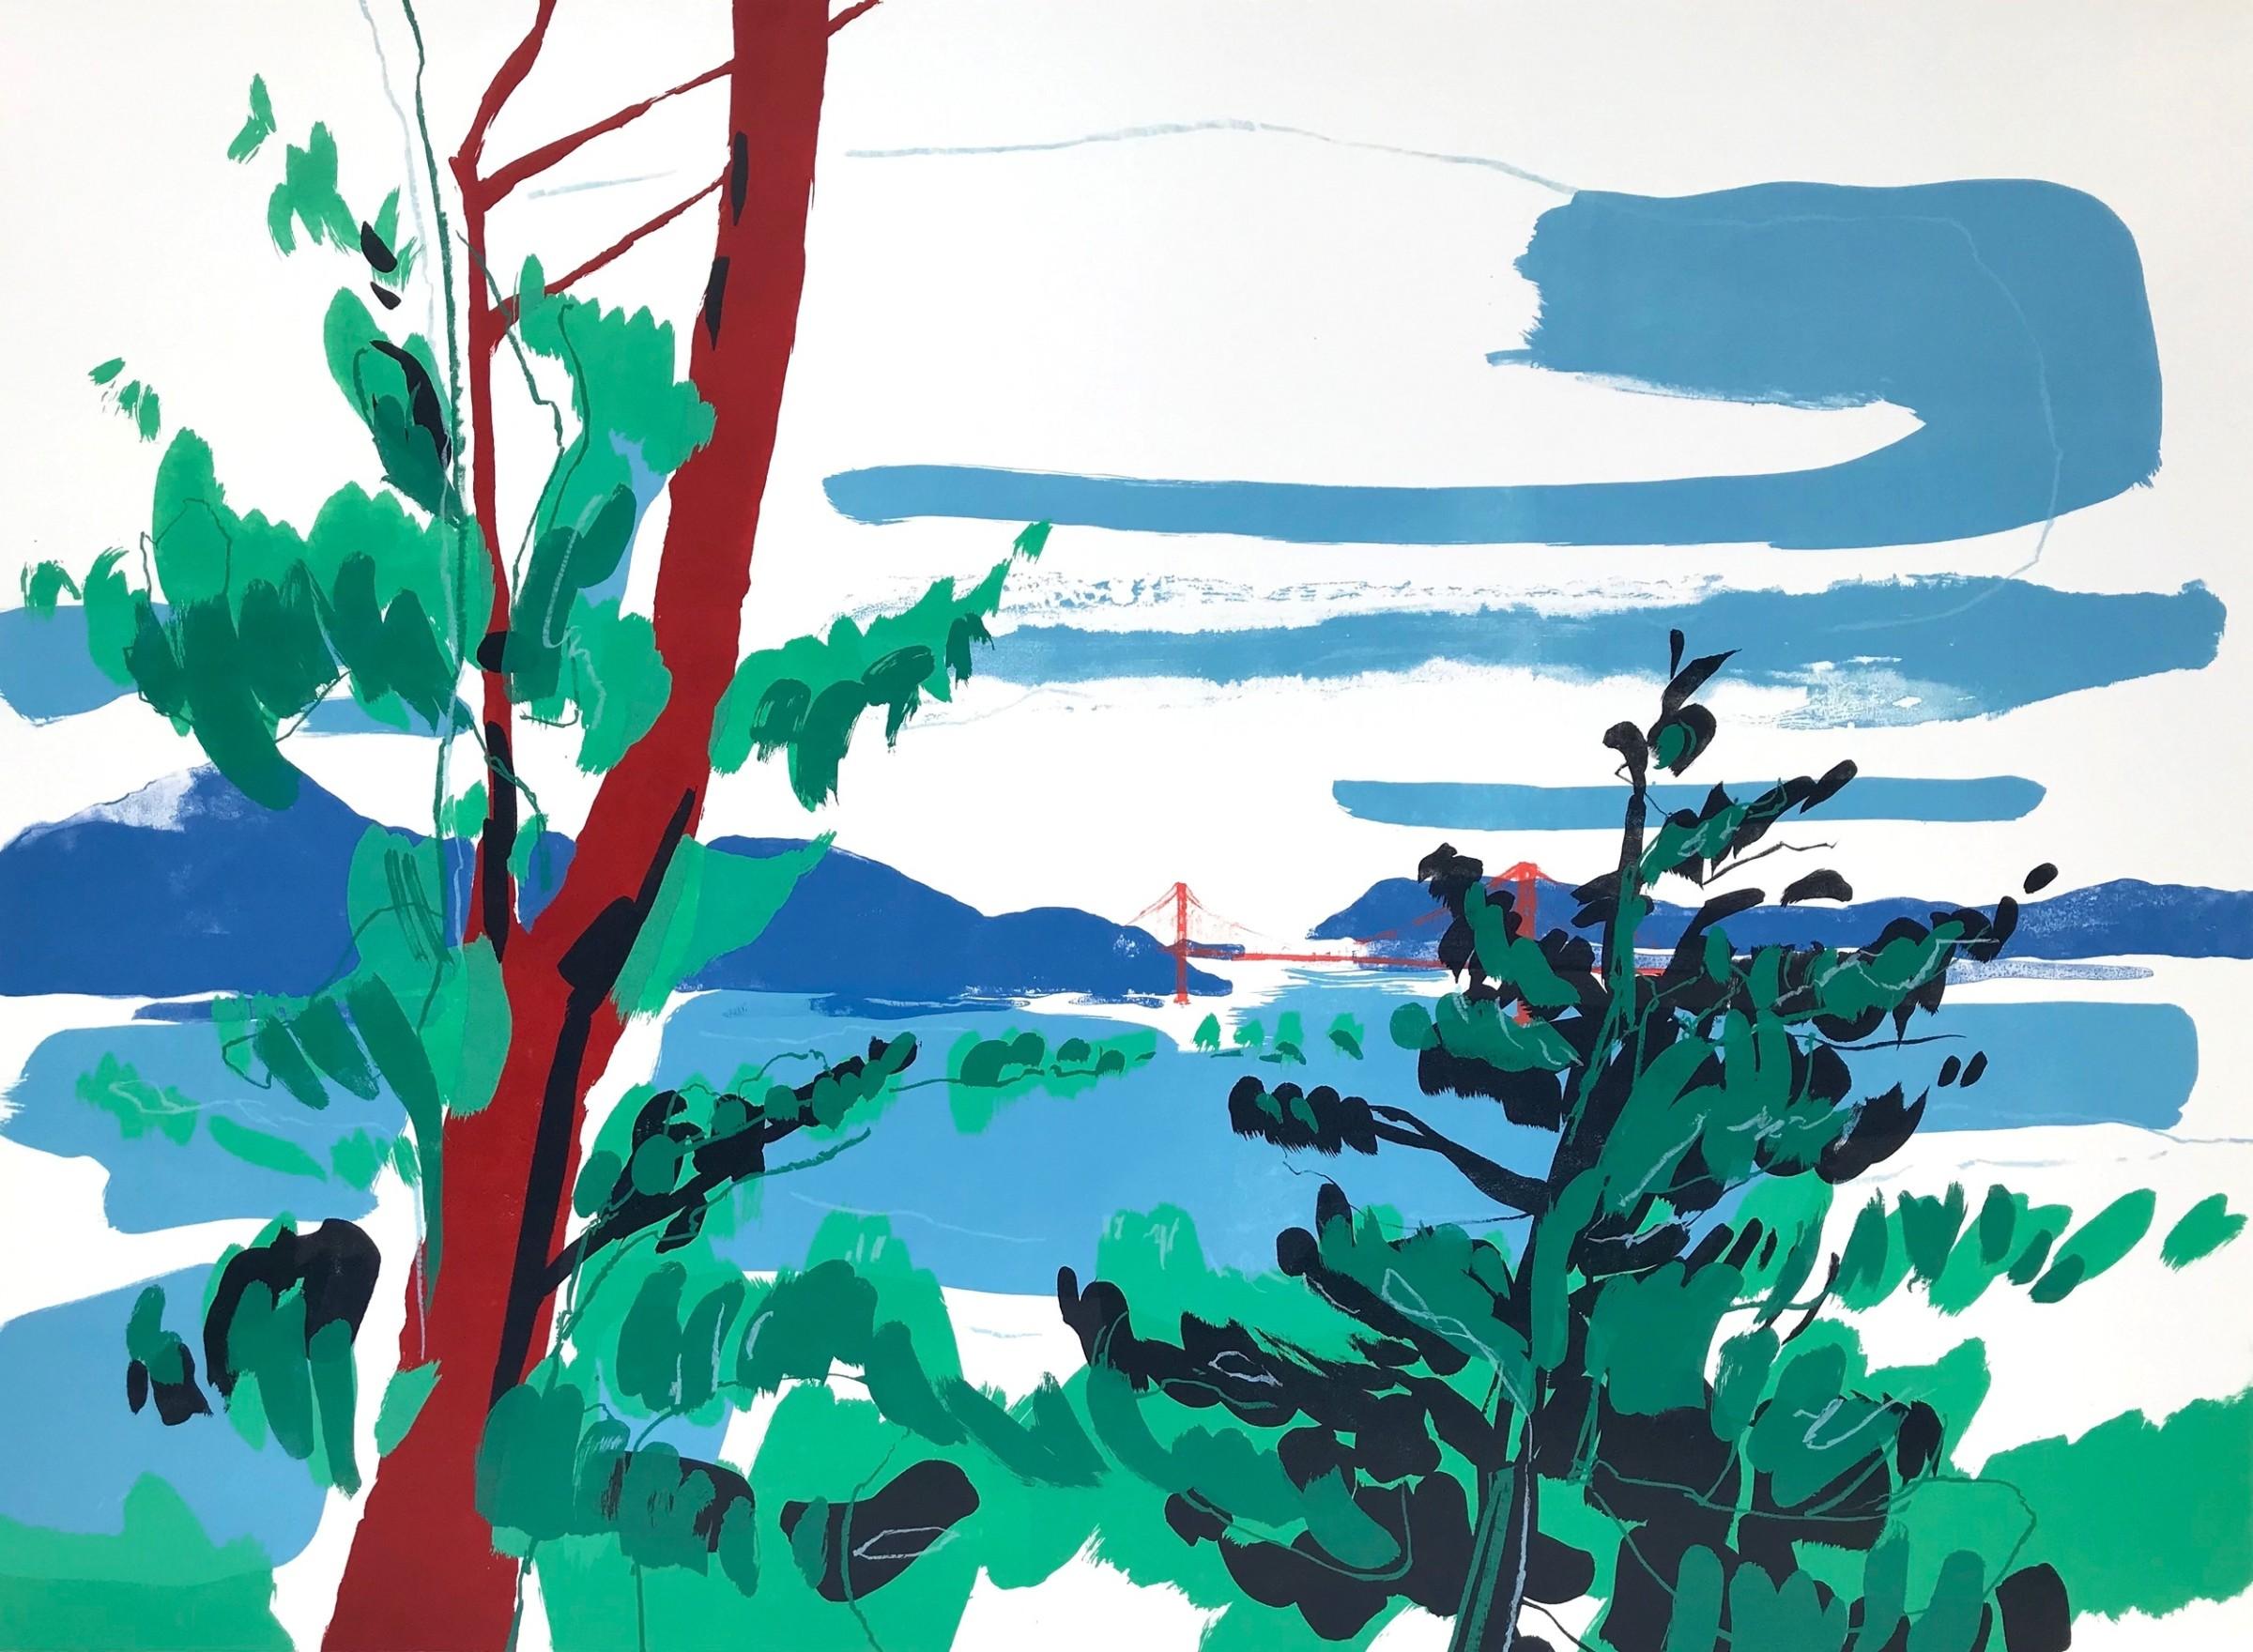 """<span class=""""link fancybox-details-link""""><a href=""""/exhibitions/20/works/artworks_standalone10685/"""">View Detail Page</a></span><div class=""""artist""""><span class=""""artist""""><strong>Rachel Gracey RE</strong></span></div><div class=""""title""""><em>Lands End, San Francisco</em></div><div class=""""medium"""">lithograph</div><div class=""""dimensions"""">104 x 76 cm image size</div><div class=""""edition_details"""">edition of 5</div>"""